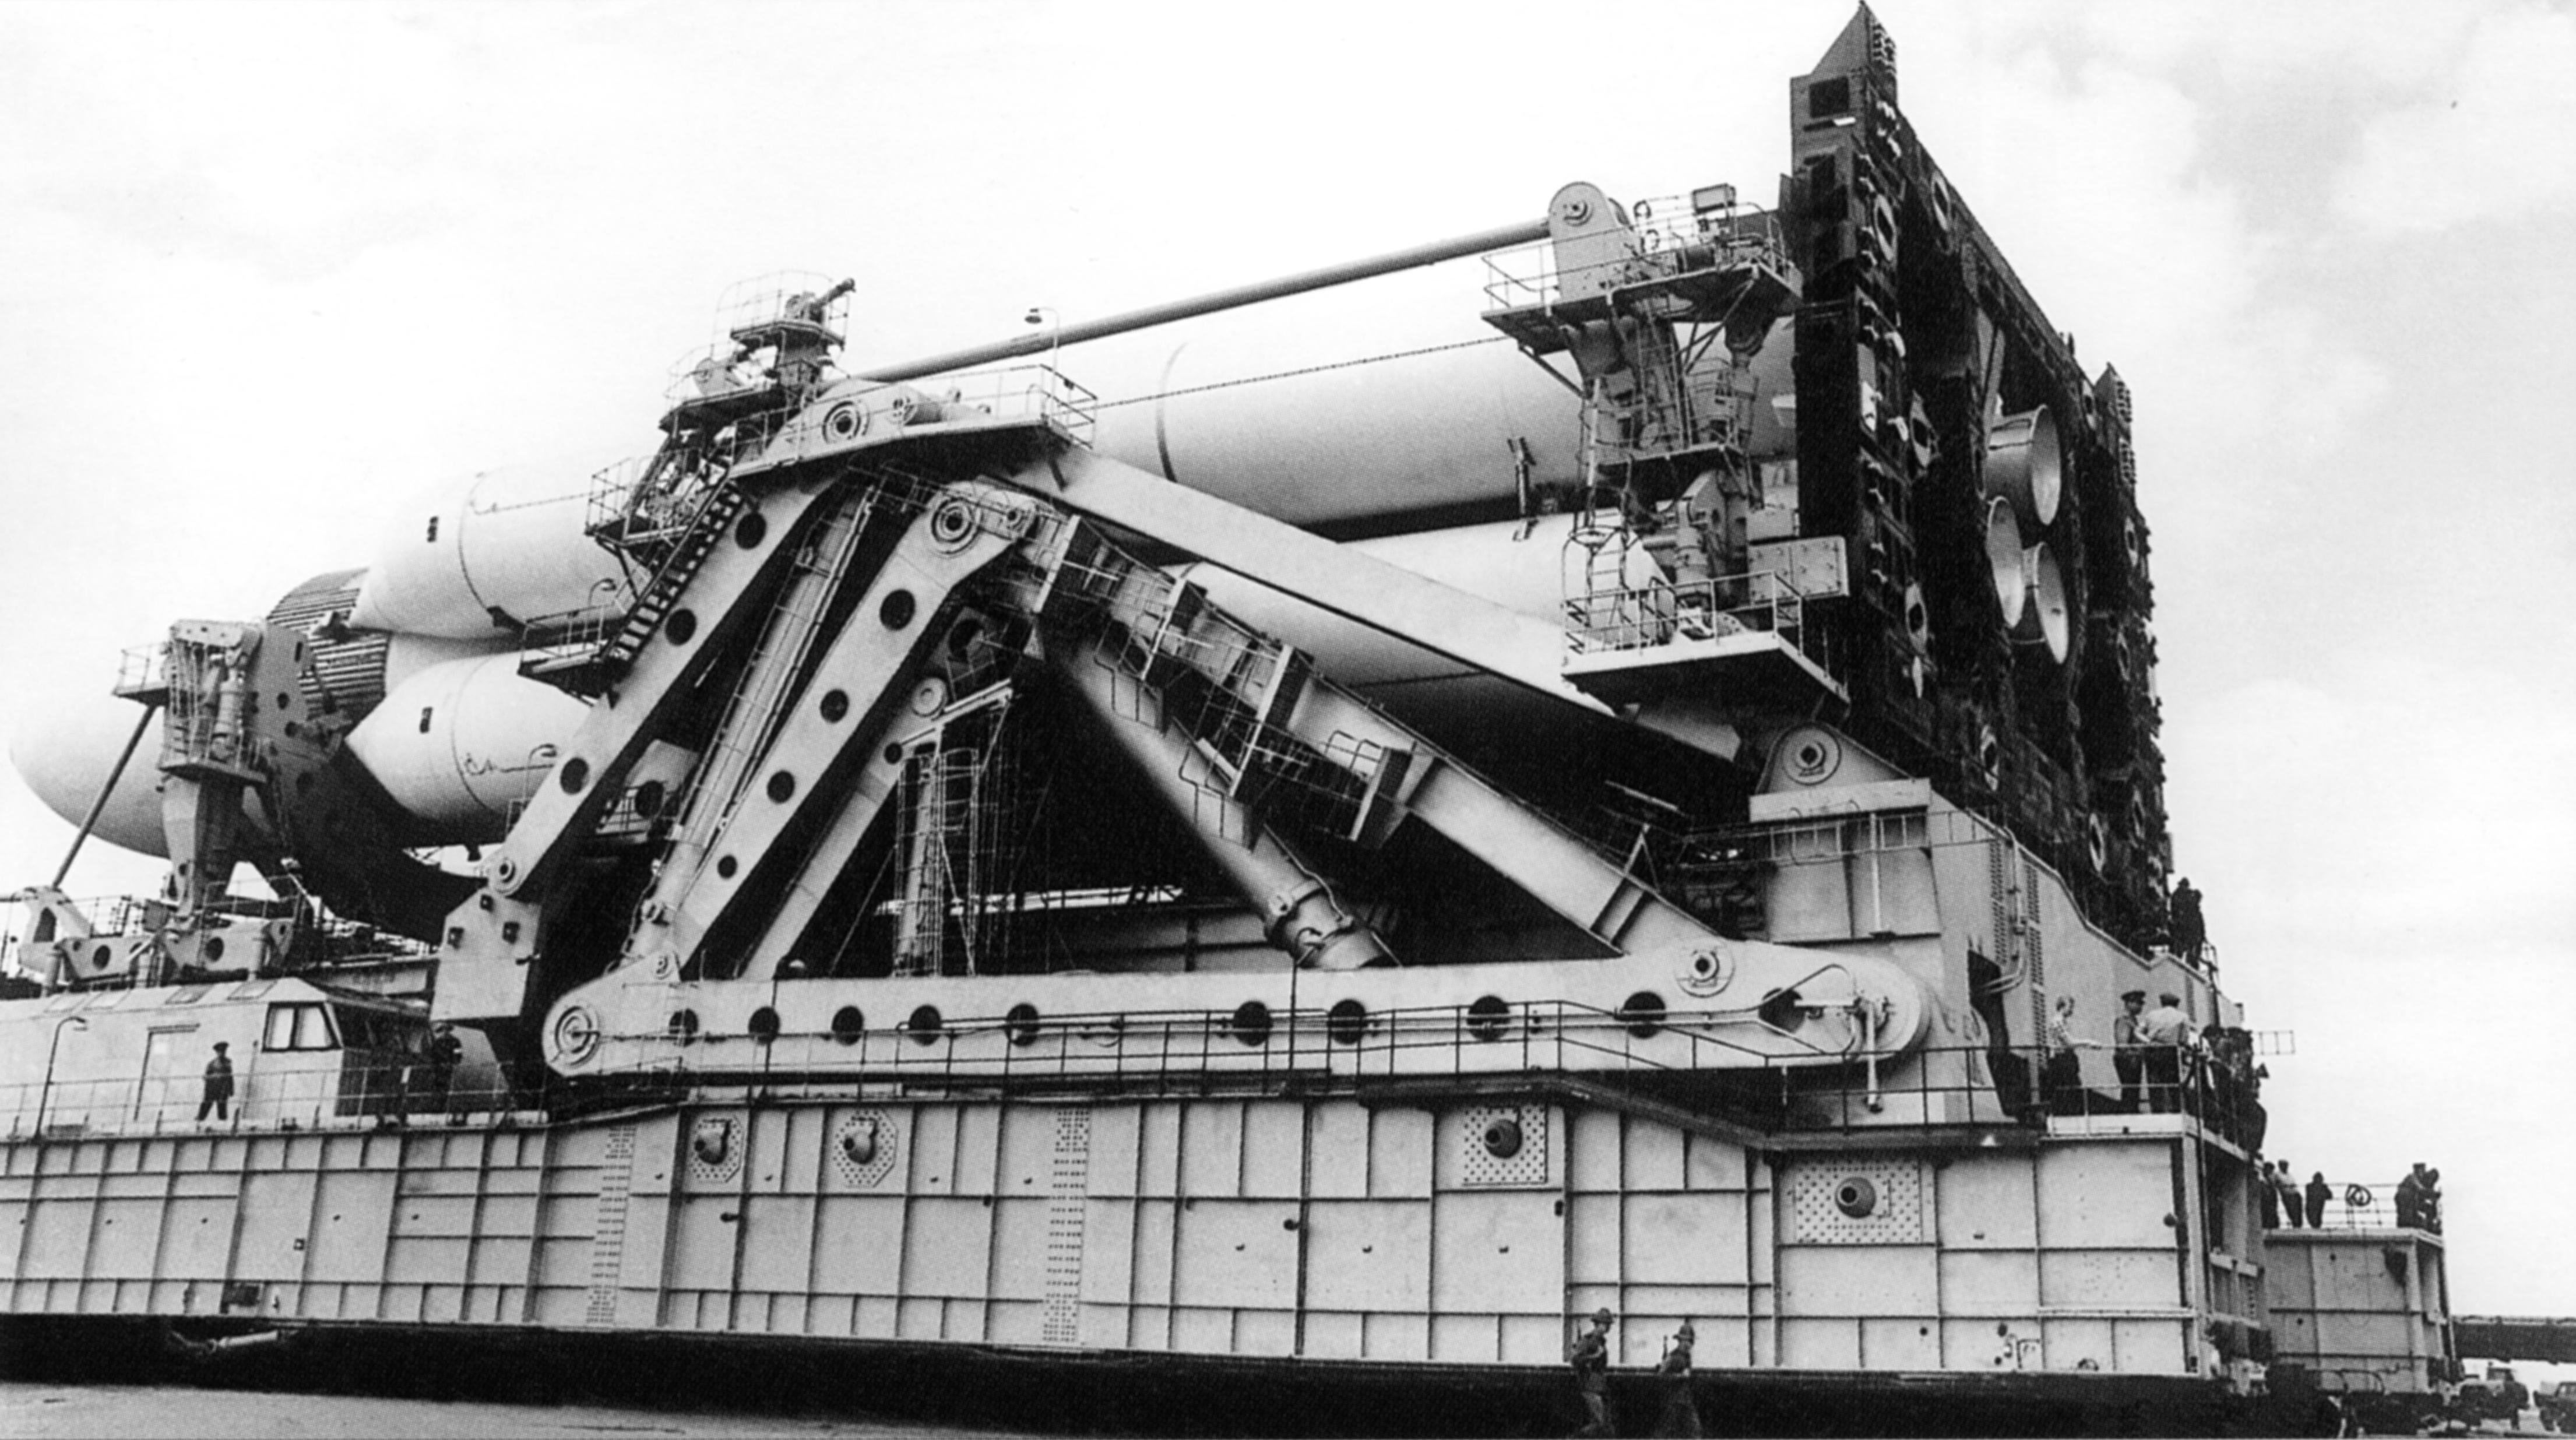 [贴图]帝国余晖:前苏联暴风雪号航天飞机跌宕起伏的